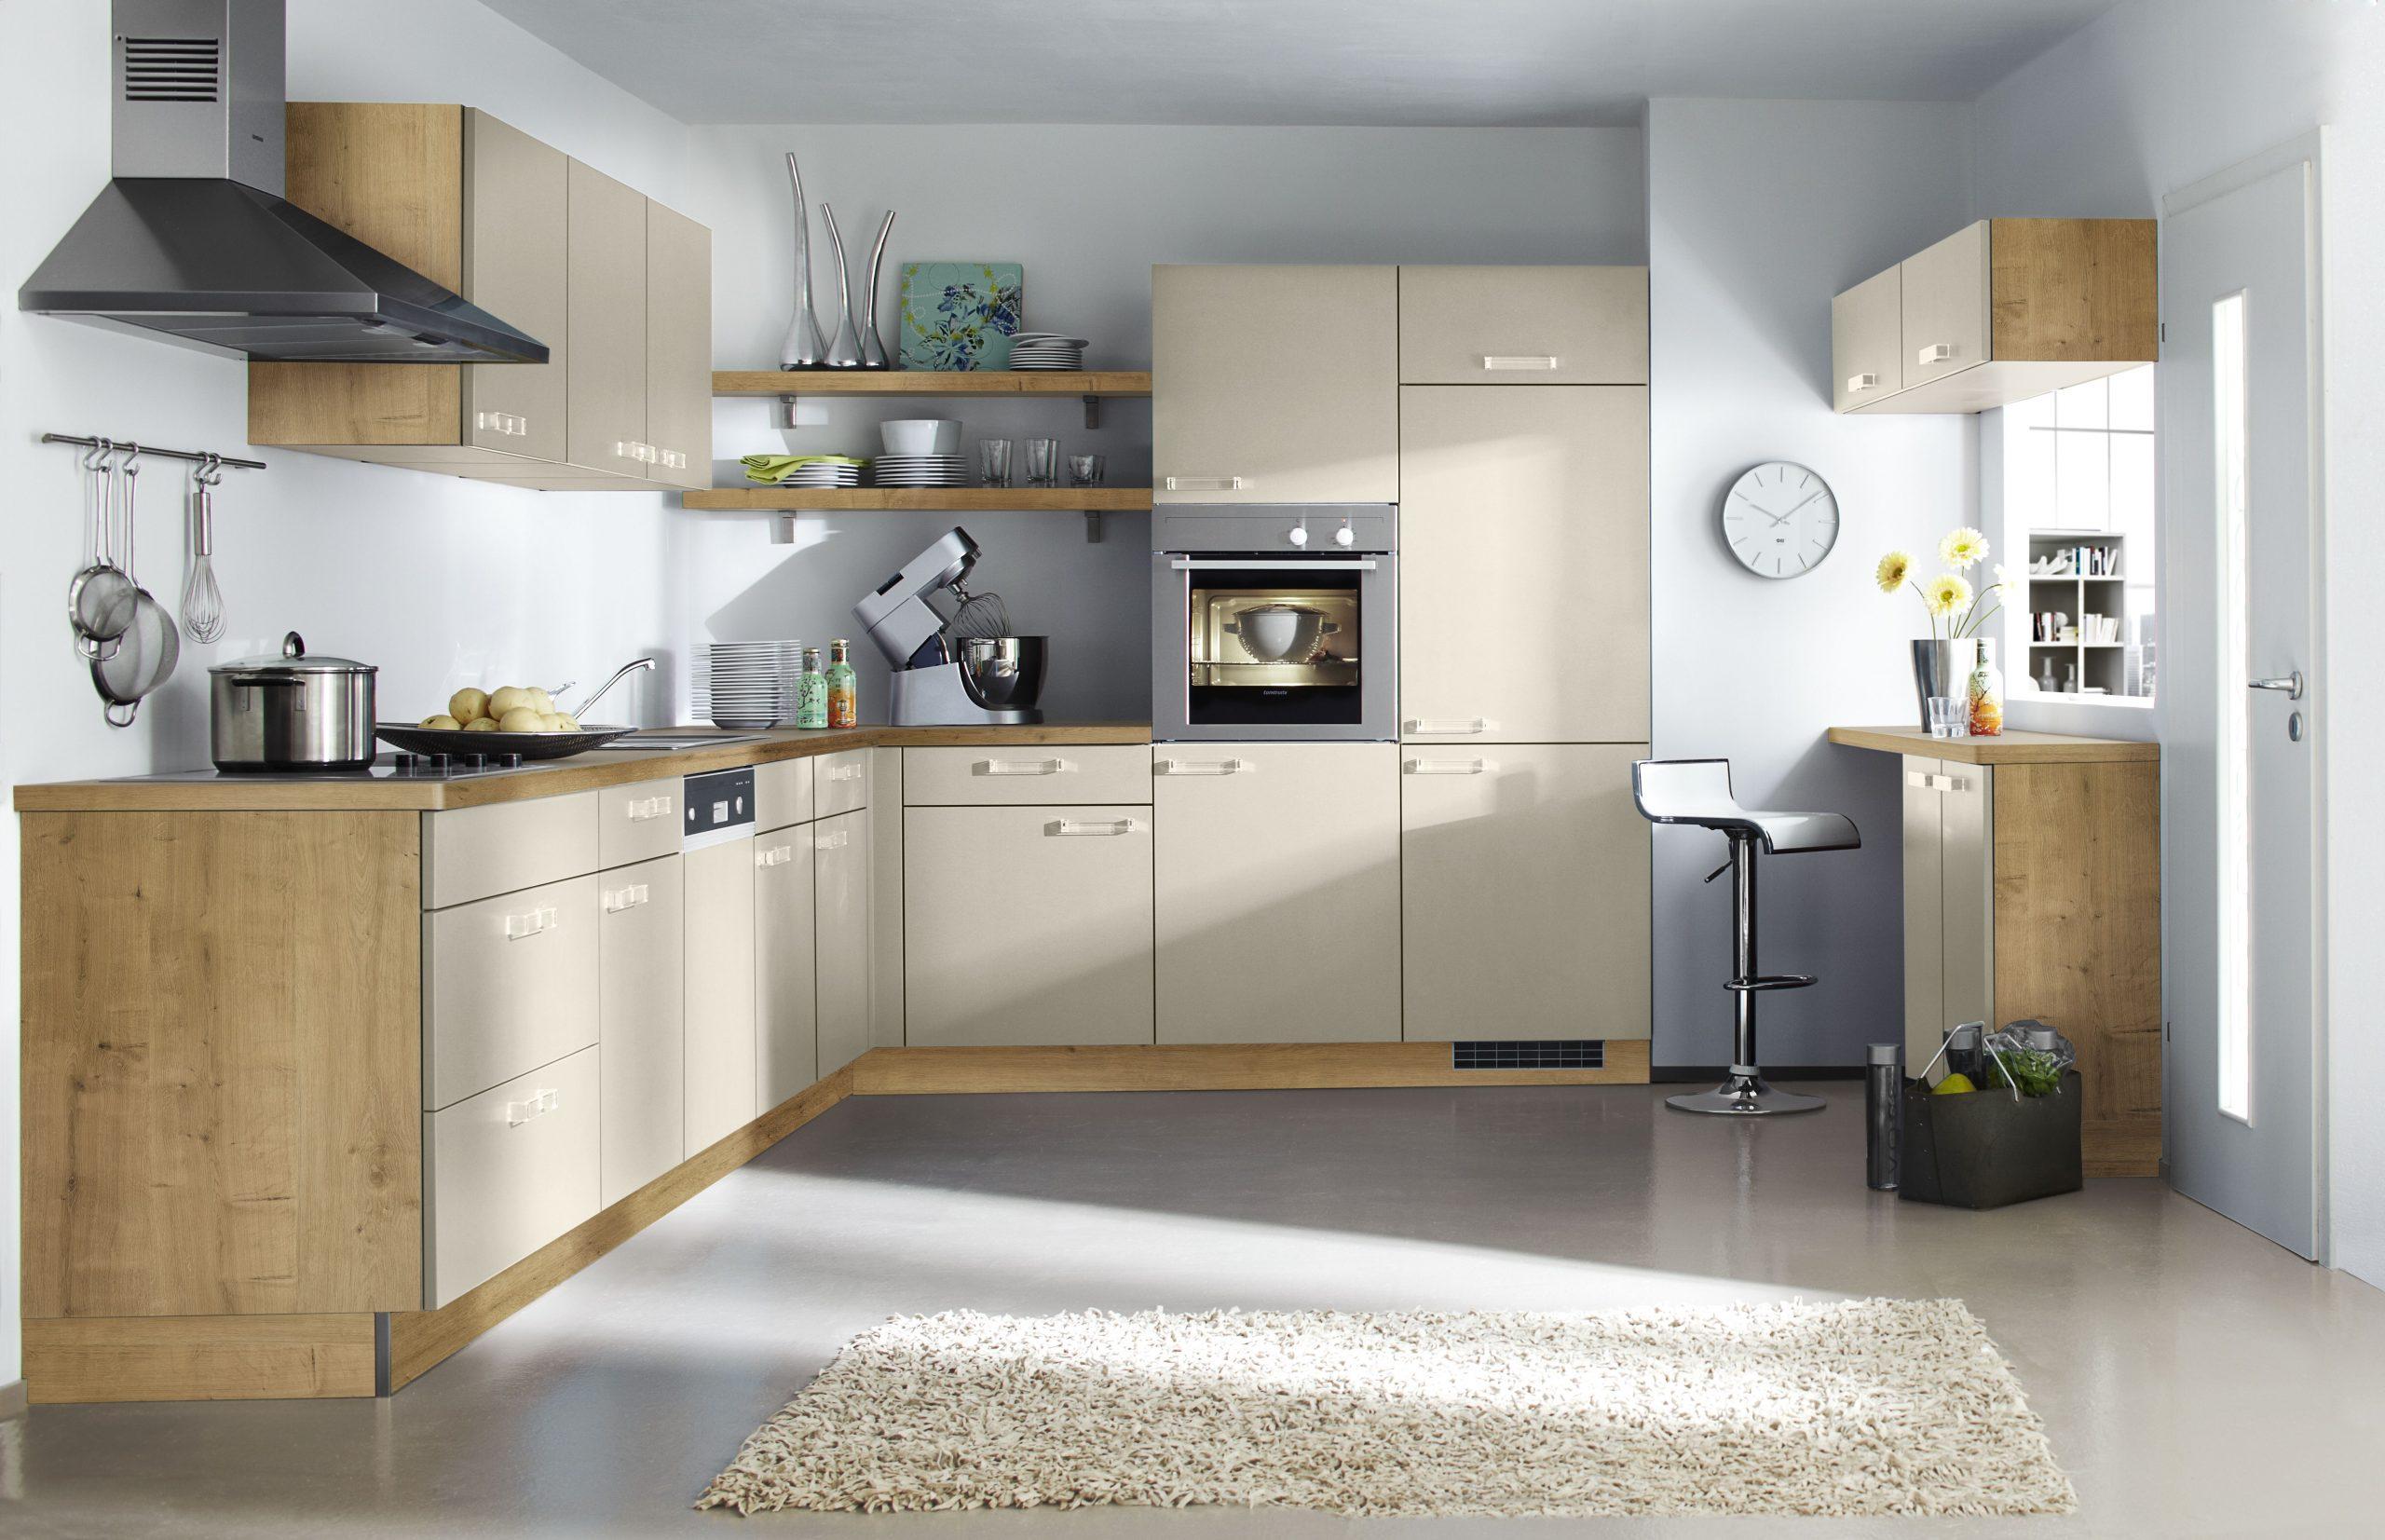 Full Size of Arbeitsplatte Küche Nolte Küche Nolte Country Küche Nolte Günstig Küche Nolte Oder Leicht Küche Küche Nolte